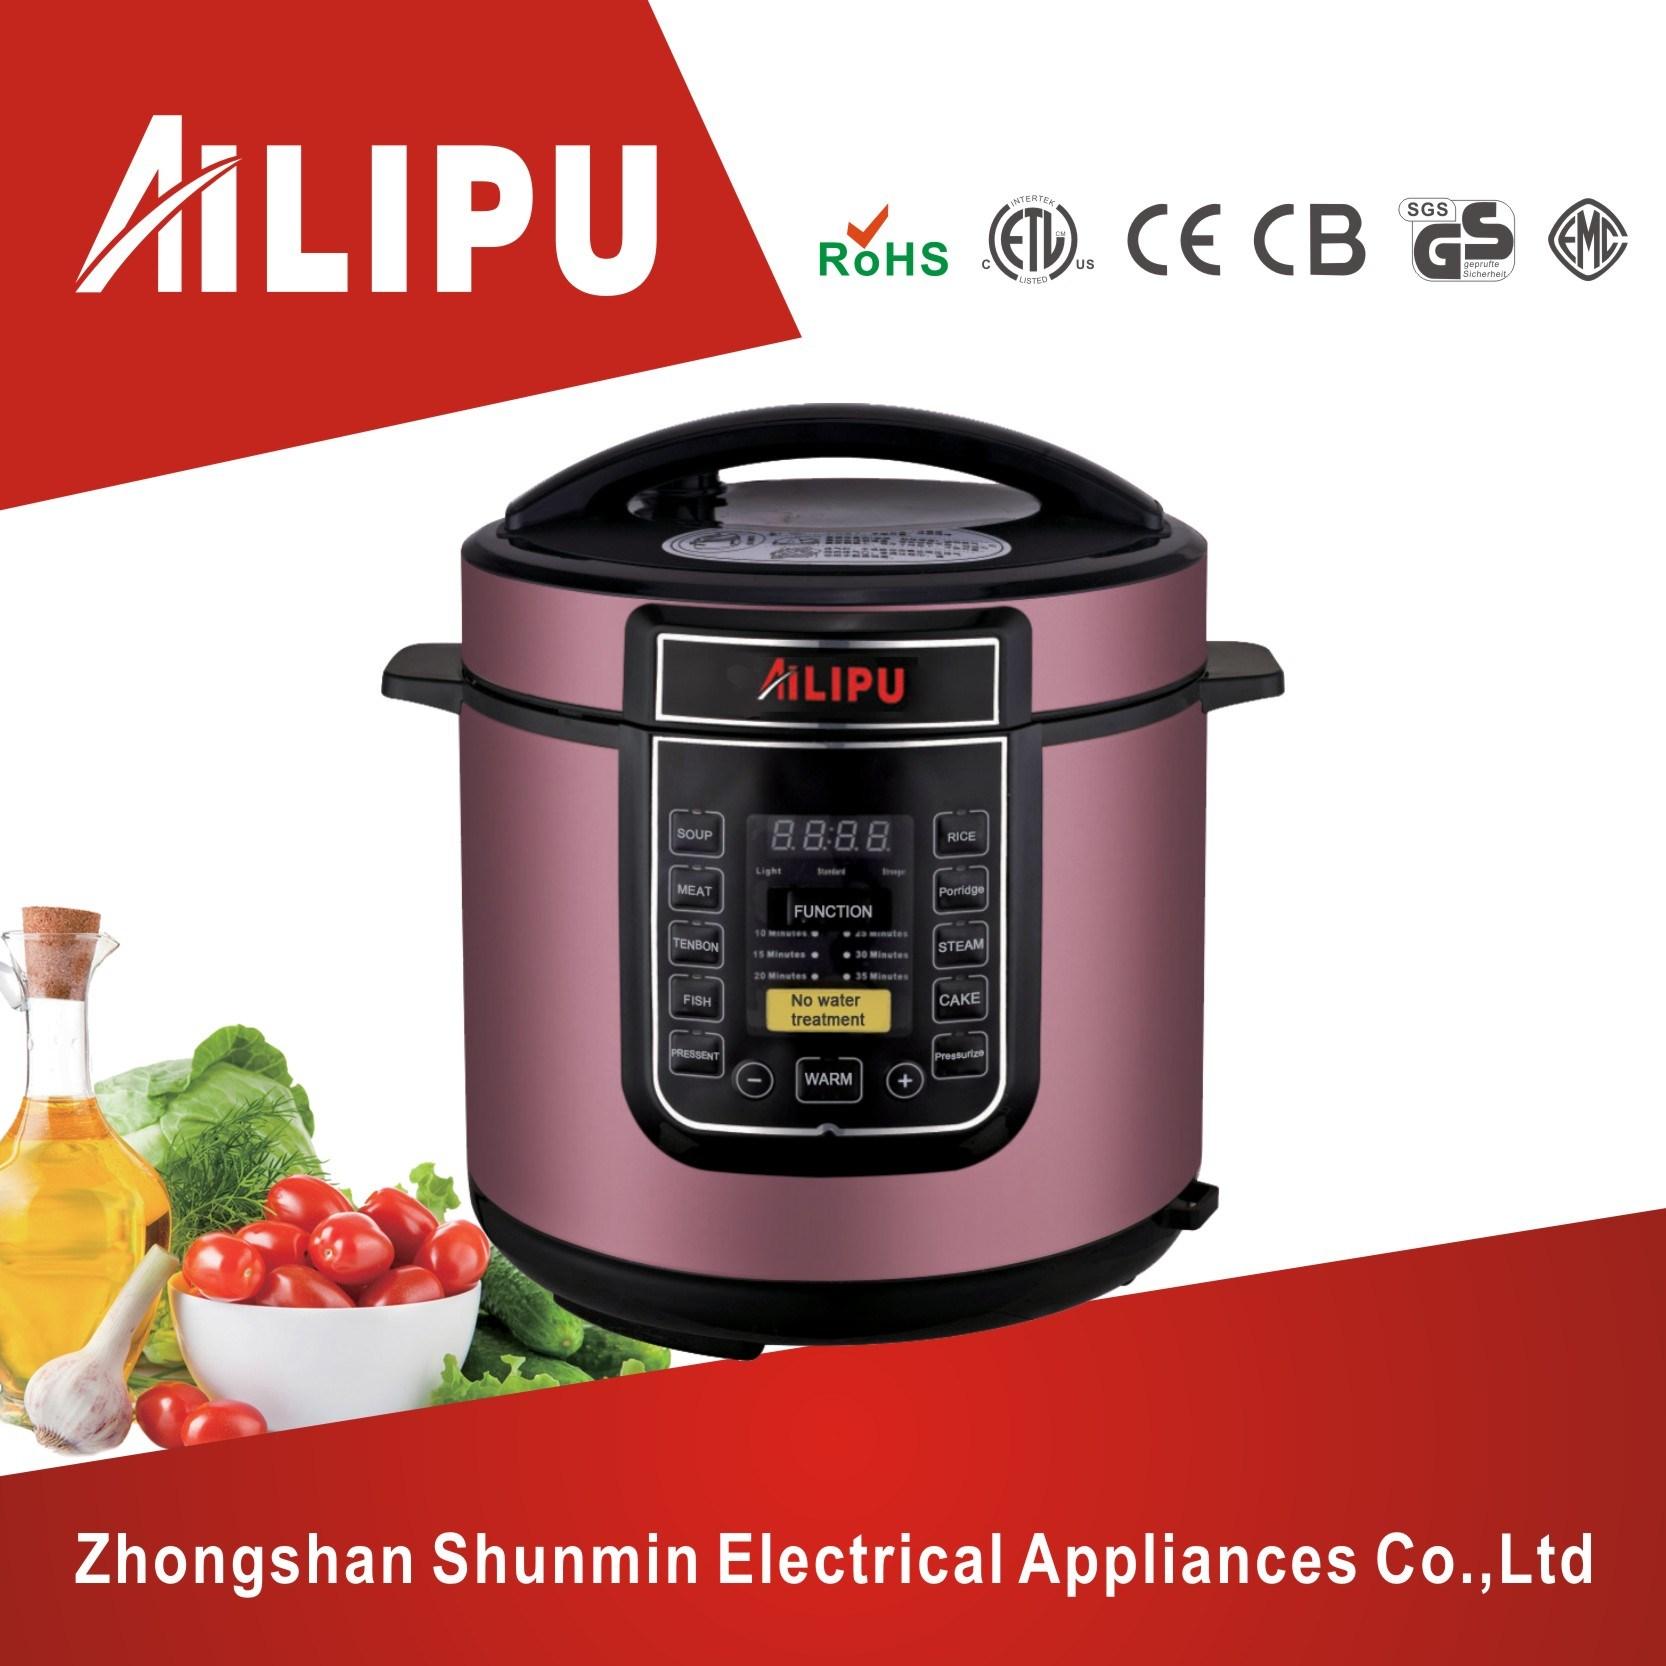 Ailipu 6L Electric Pressure Cooker Sm- D608